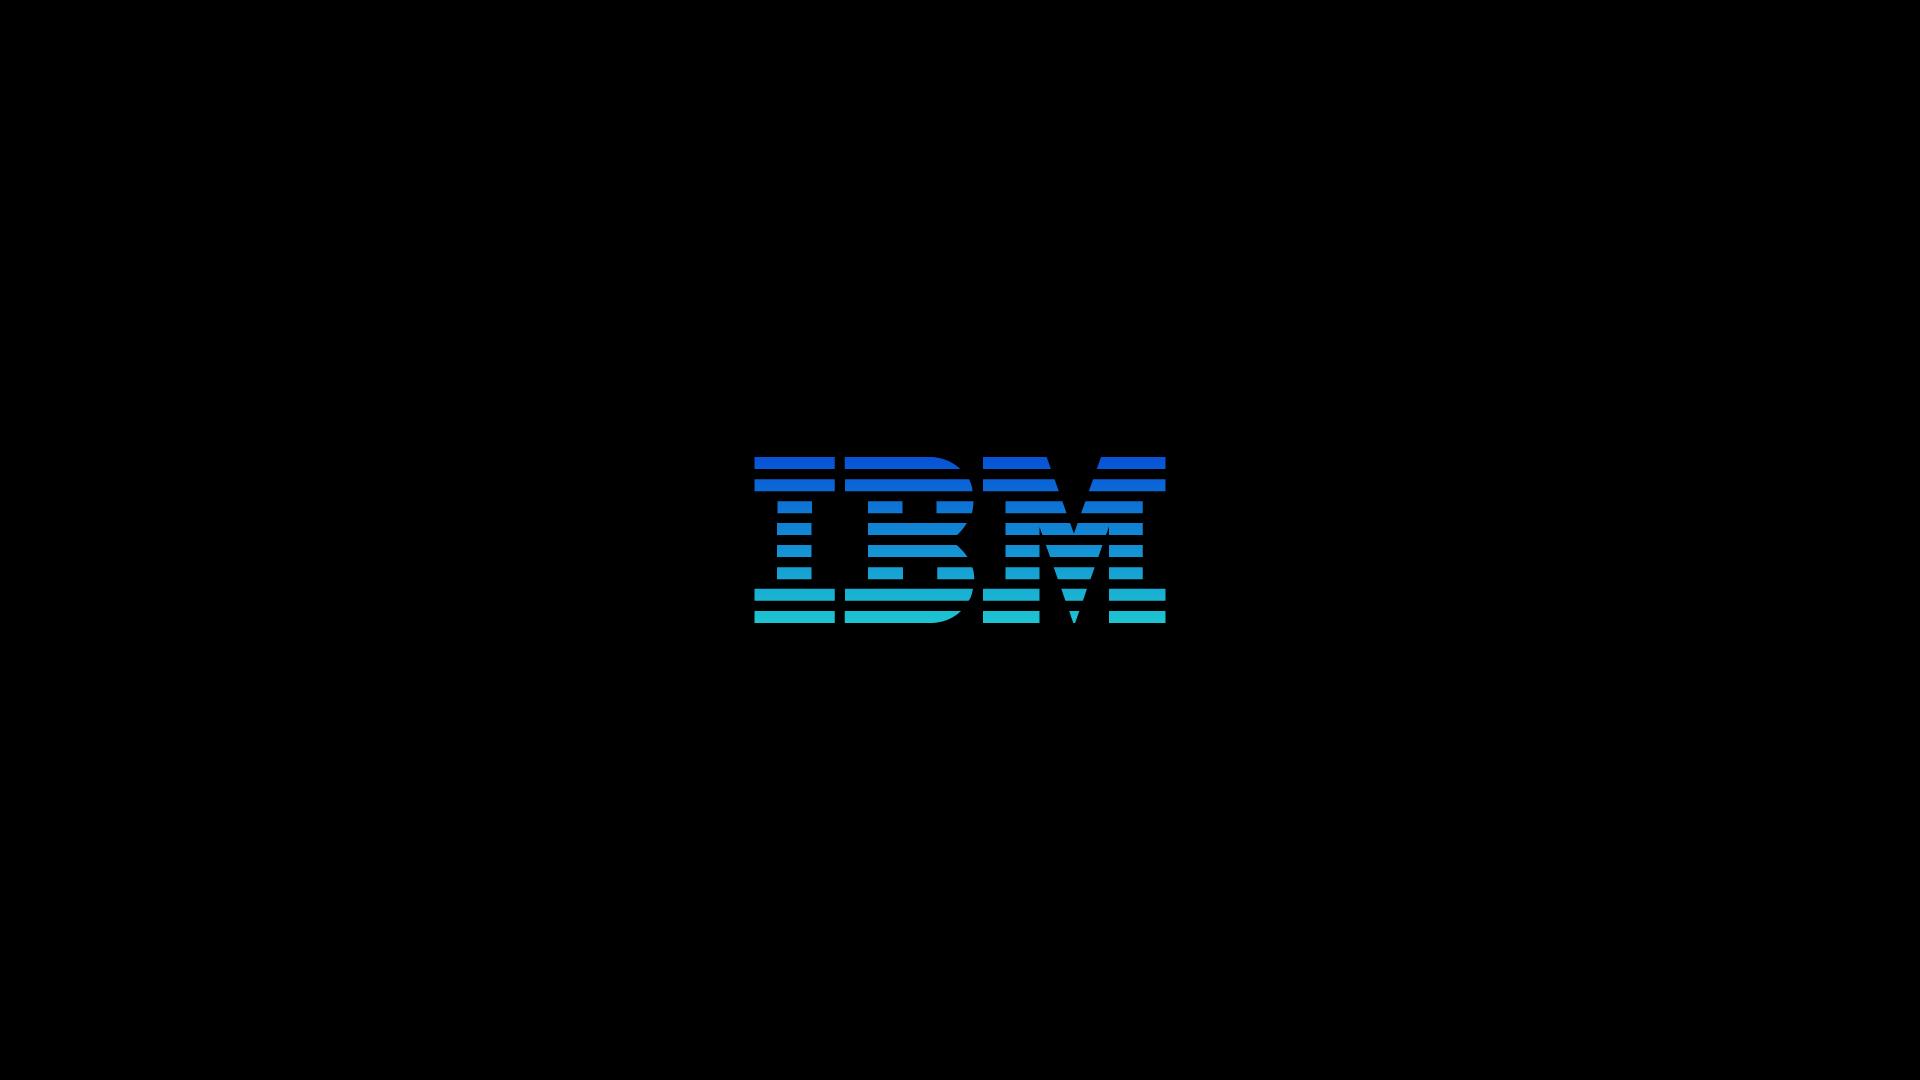 IBM_SHAPE-YOUR-CLOUD_DC_EDITS_BH_IBM-26.jpg